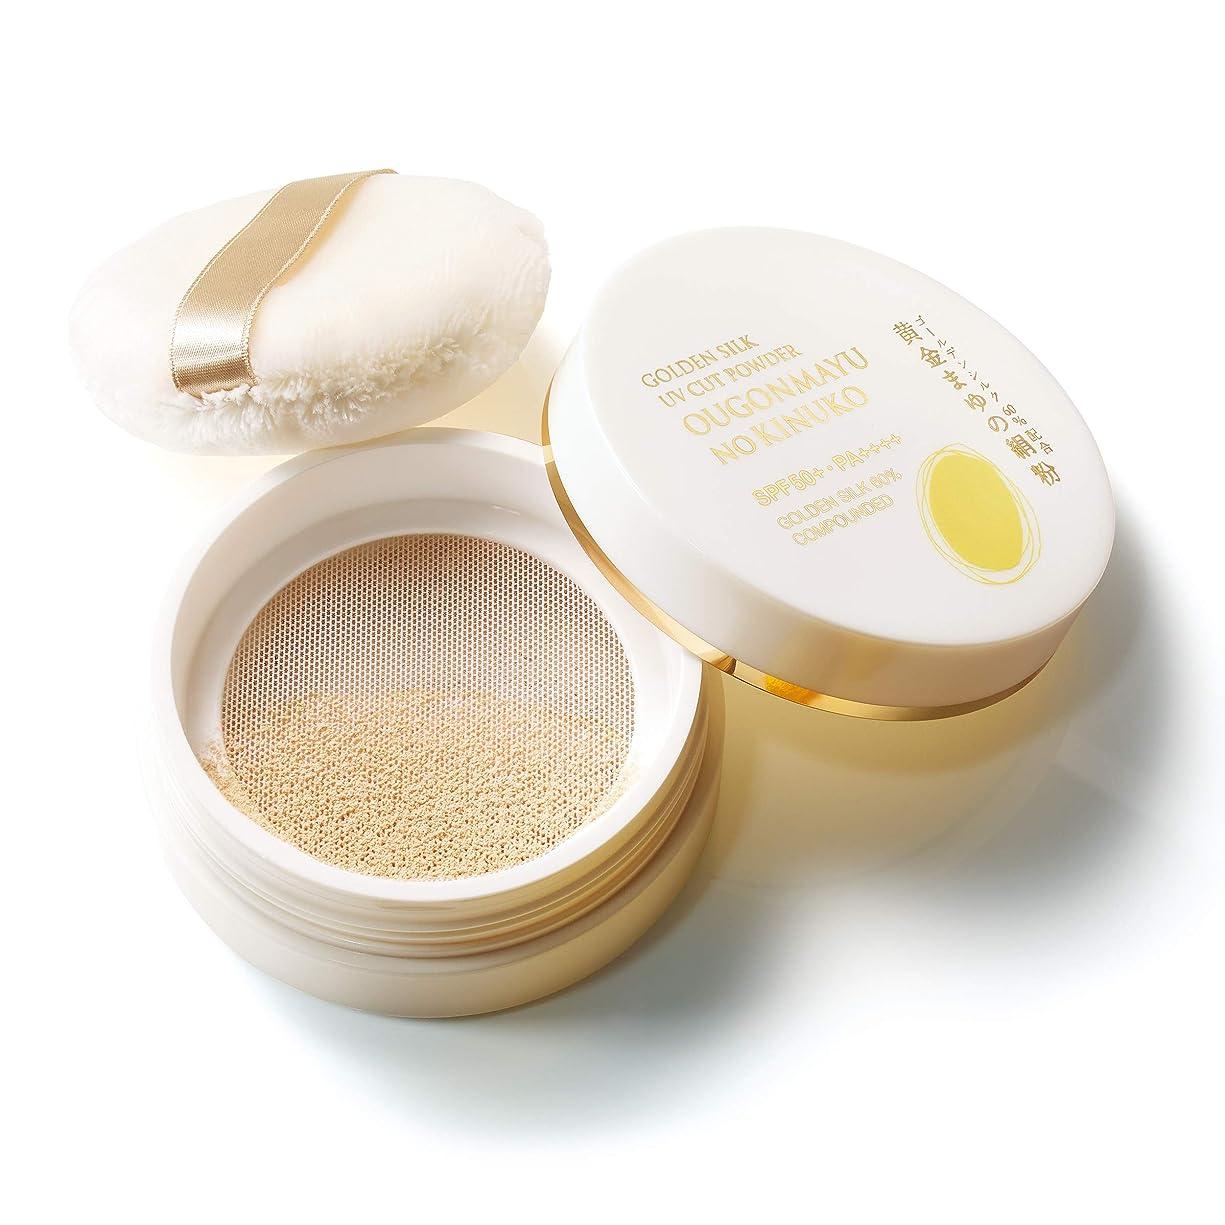 コンバーチブルジュース事通販生活の天然黄金シルクUVカットパウダー「黄金まゆの絹粉」 希少な天然黄金シルク60%配合で「UVカット力最高値」のパウダーは本品だけ。